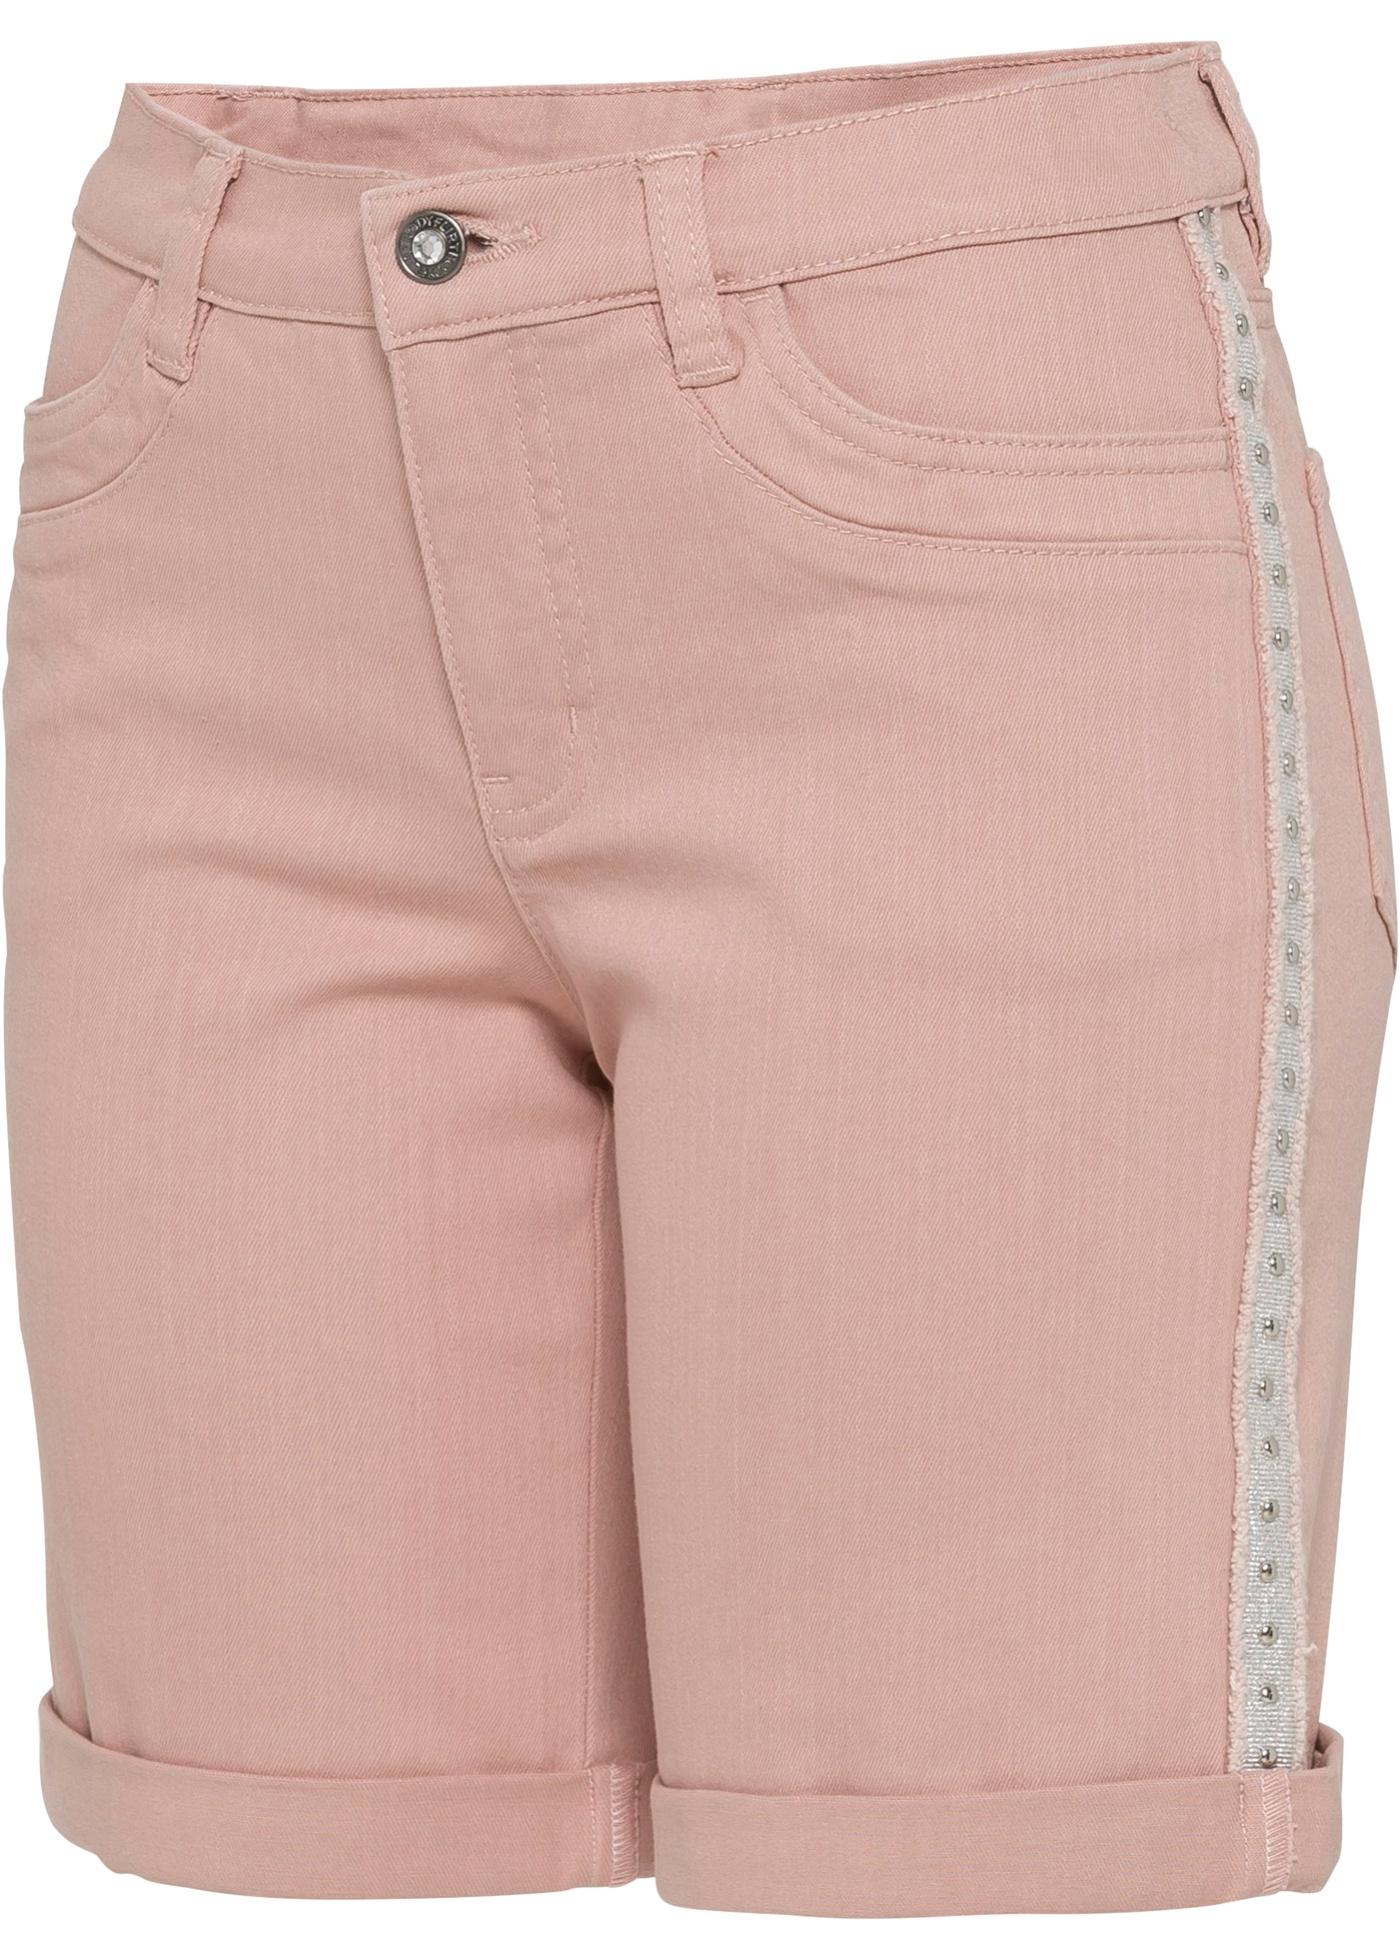 Hosen - Jeans Shorts, verziert › bonprix › rosa  - Onlineshop Bonprix